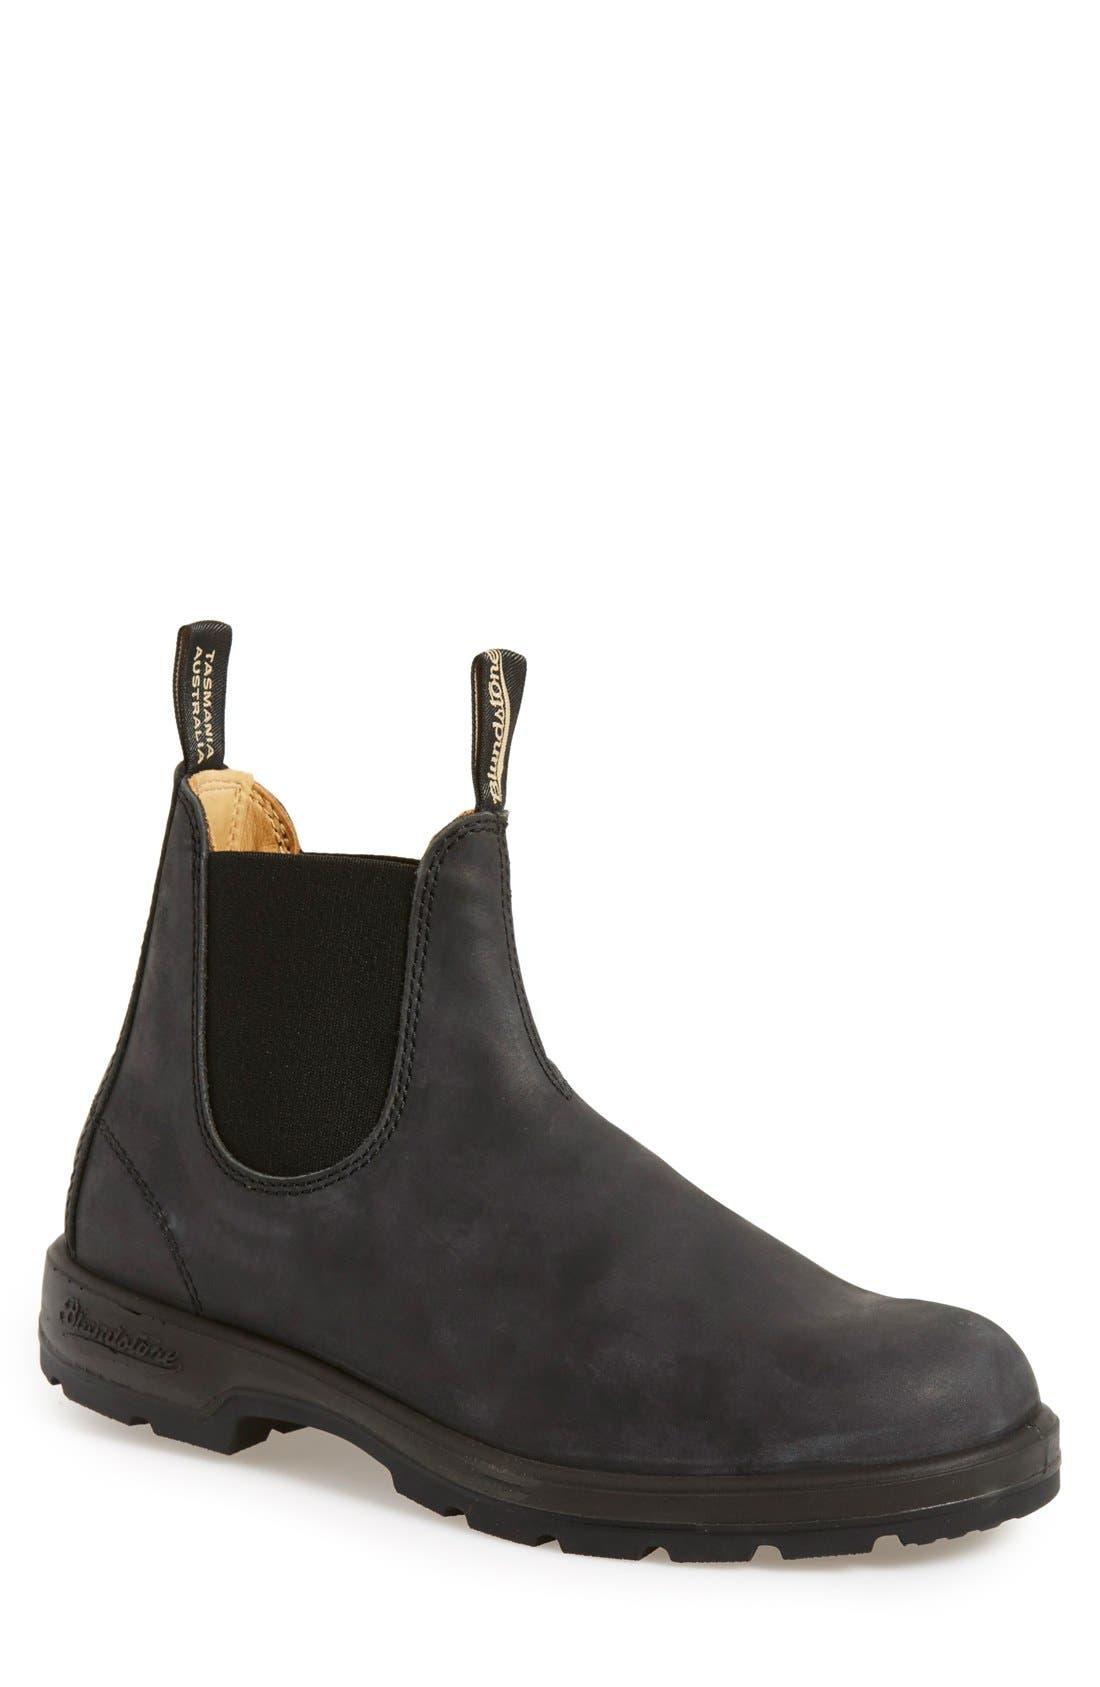 Alternate Image 1 Selected - Blundstone Footwear Chelsea Boot (Men)